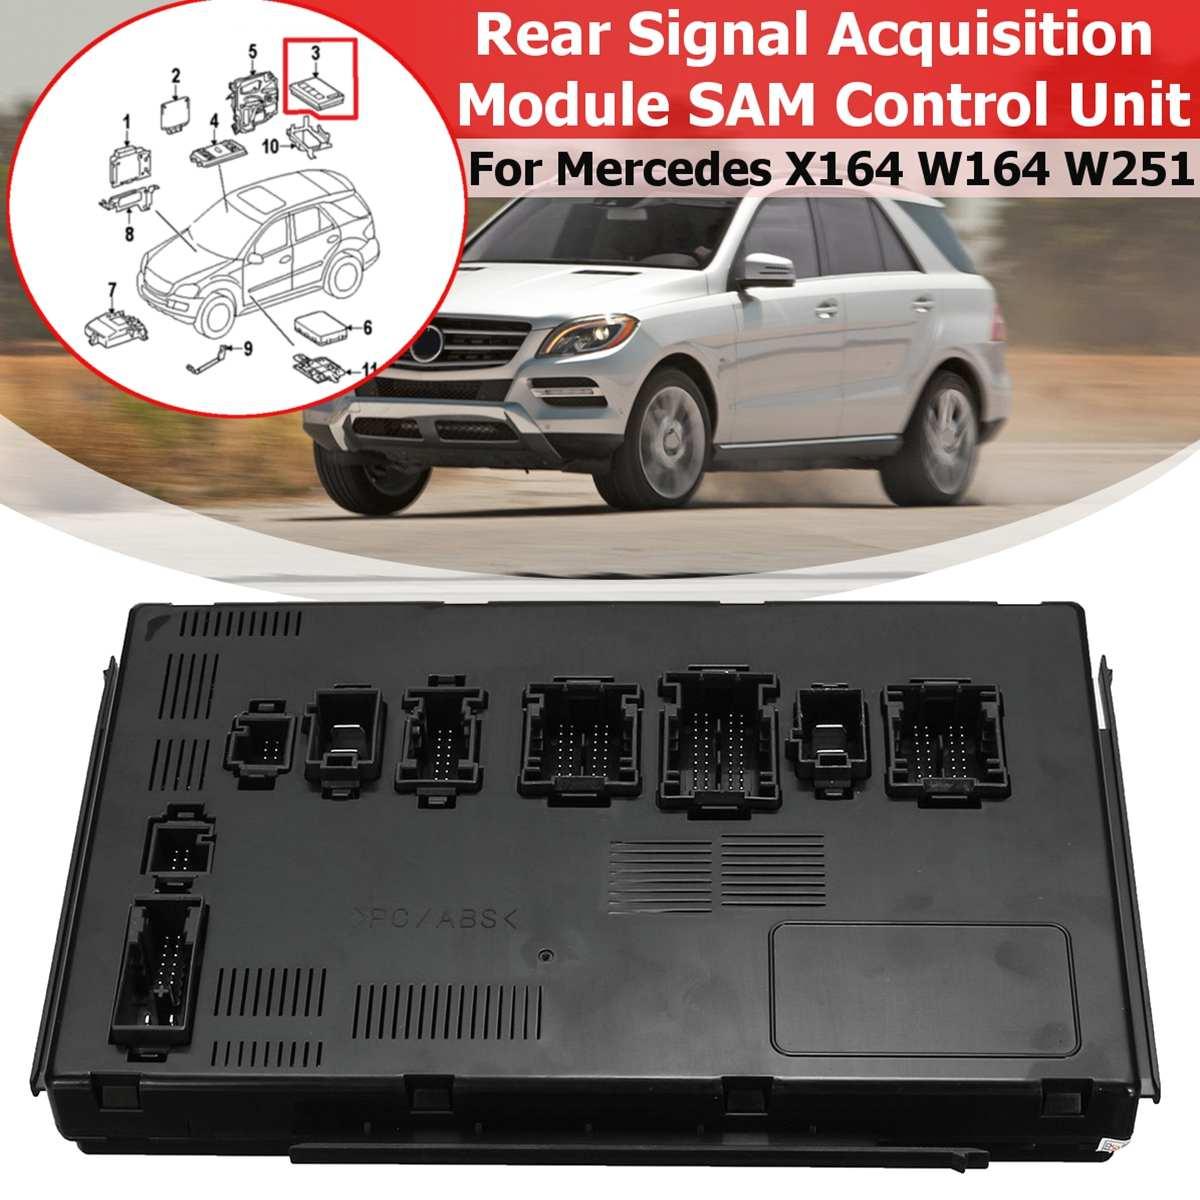 1 pcs per Mercedes-Benz X164 W164 W251 GL320 GL350 Modulo di Acquisizione Del Segnale Posteriore SAM Unità di Controllo Genuino 1649005401